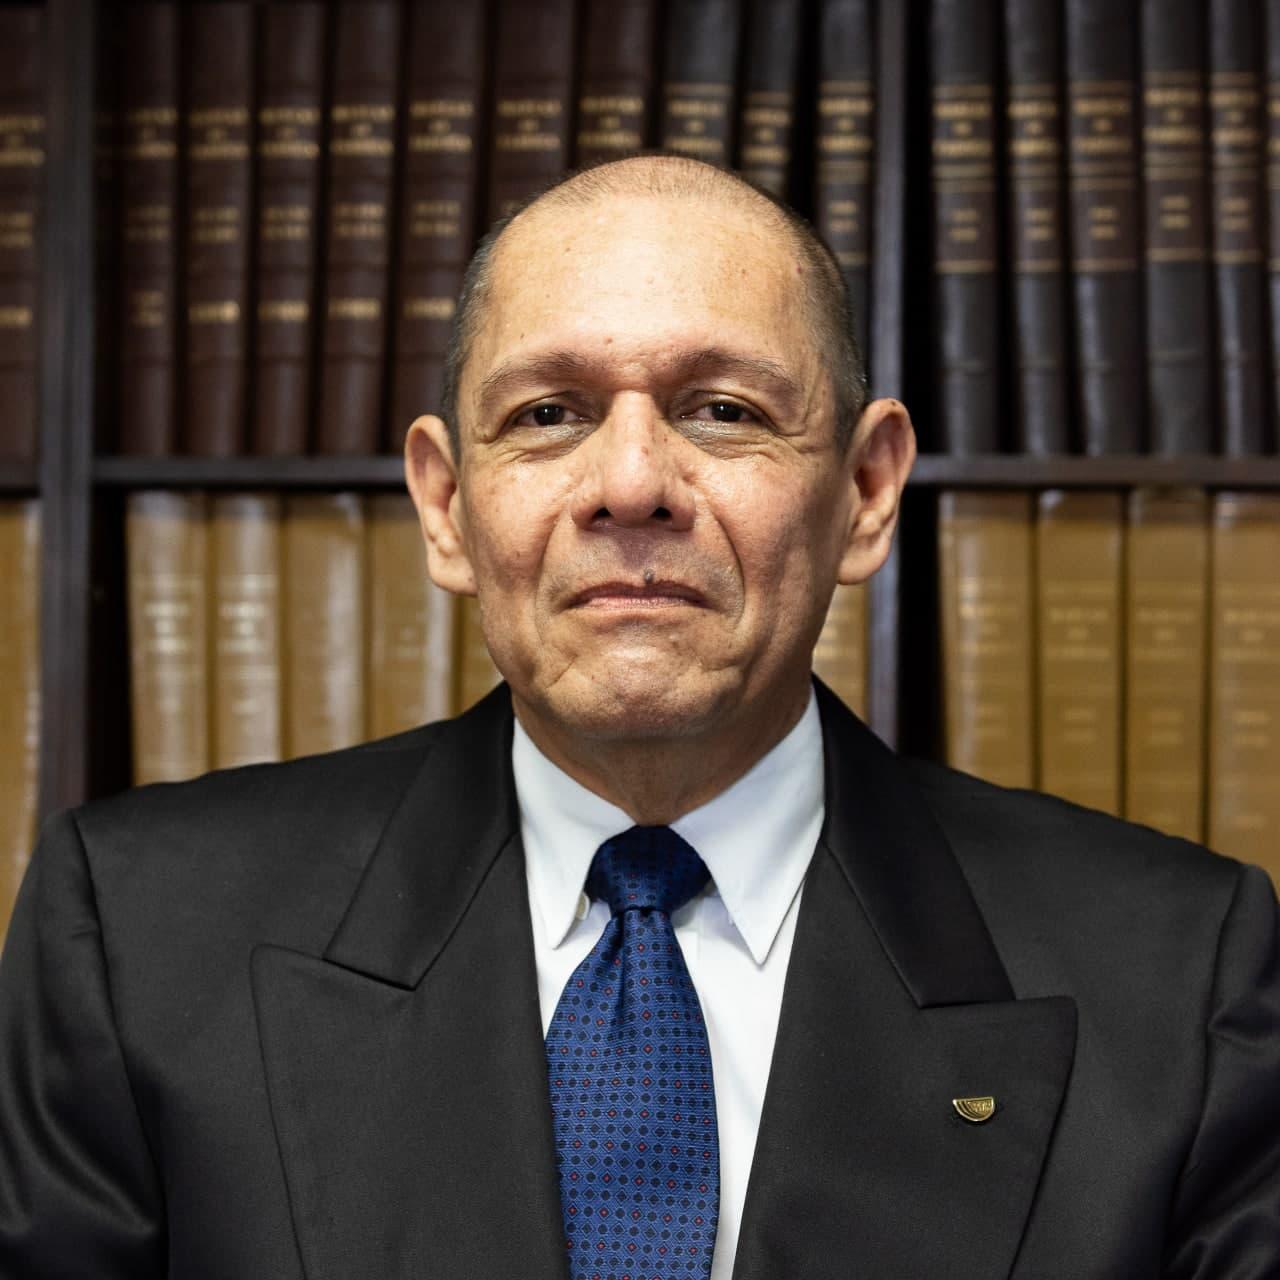 José Bueno Engineer at Bolet & Terrero